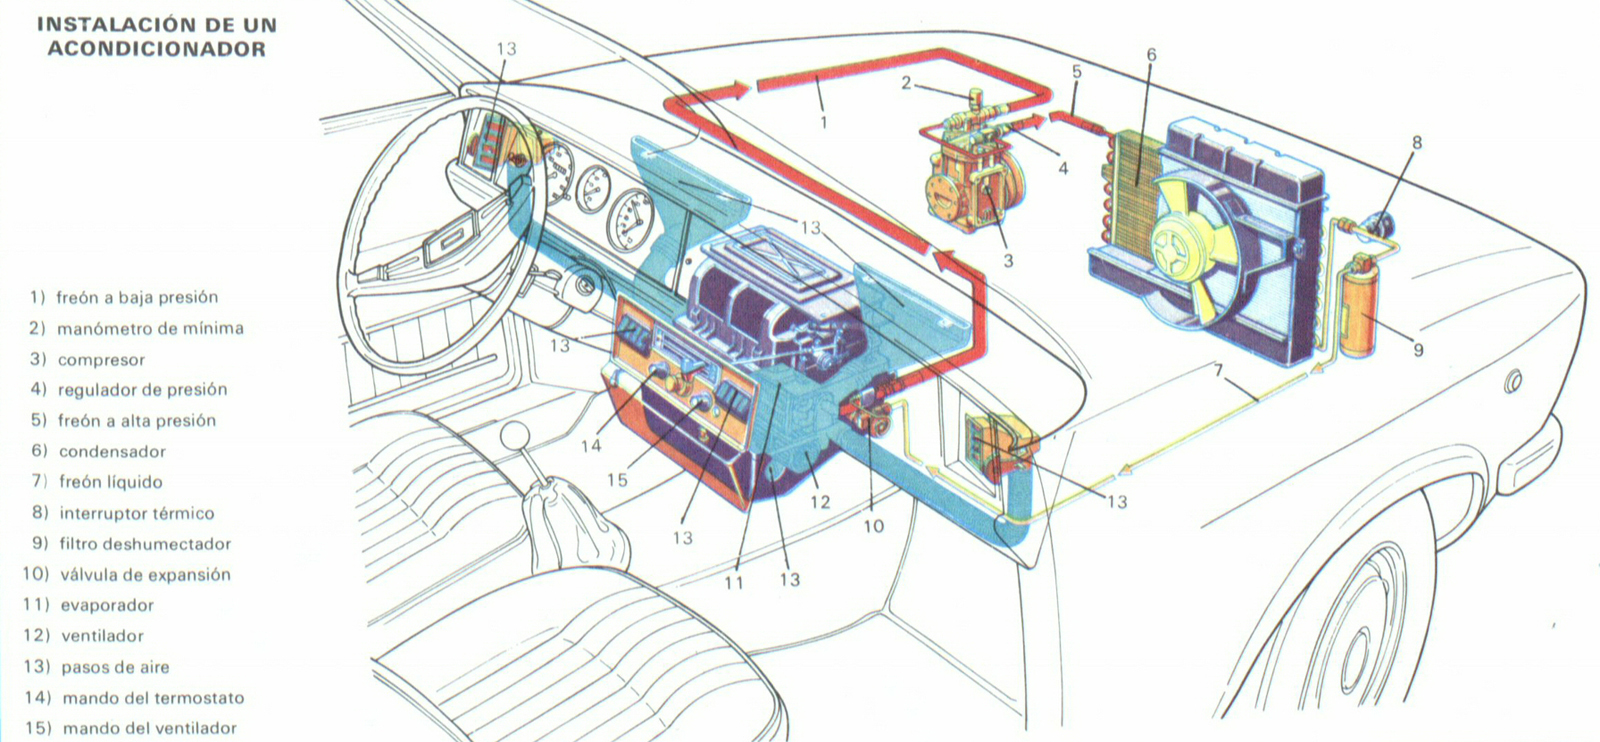 Circuito Ventilador : Foto esquema circuito de refrigeracion diccionario refrigeracion